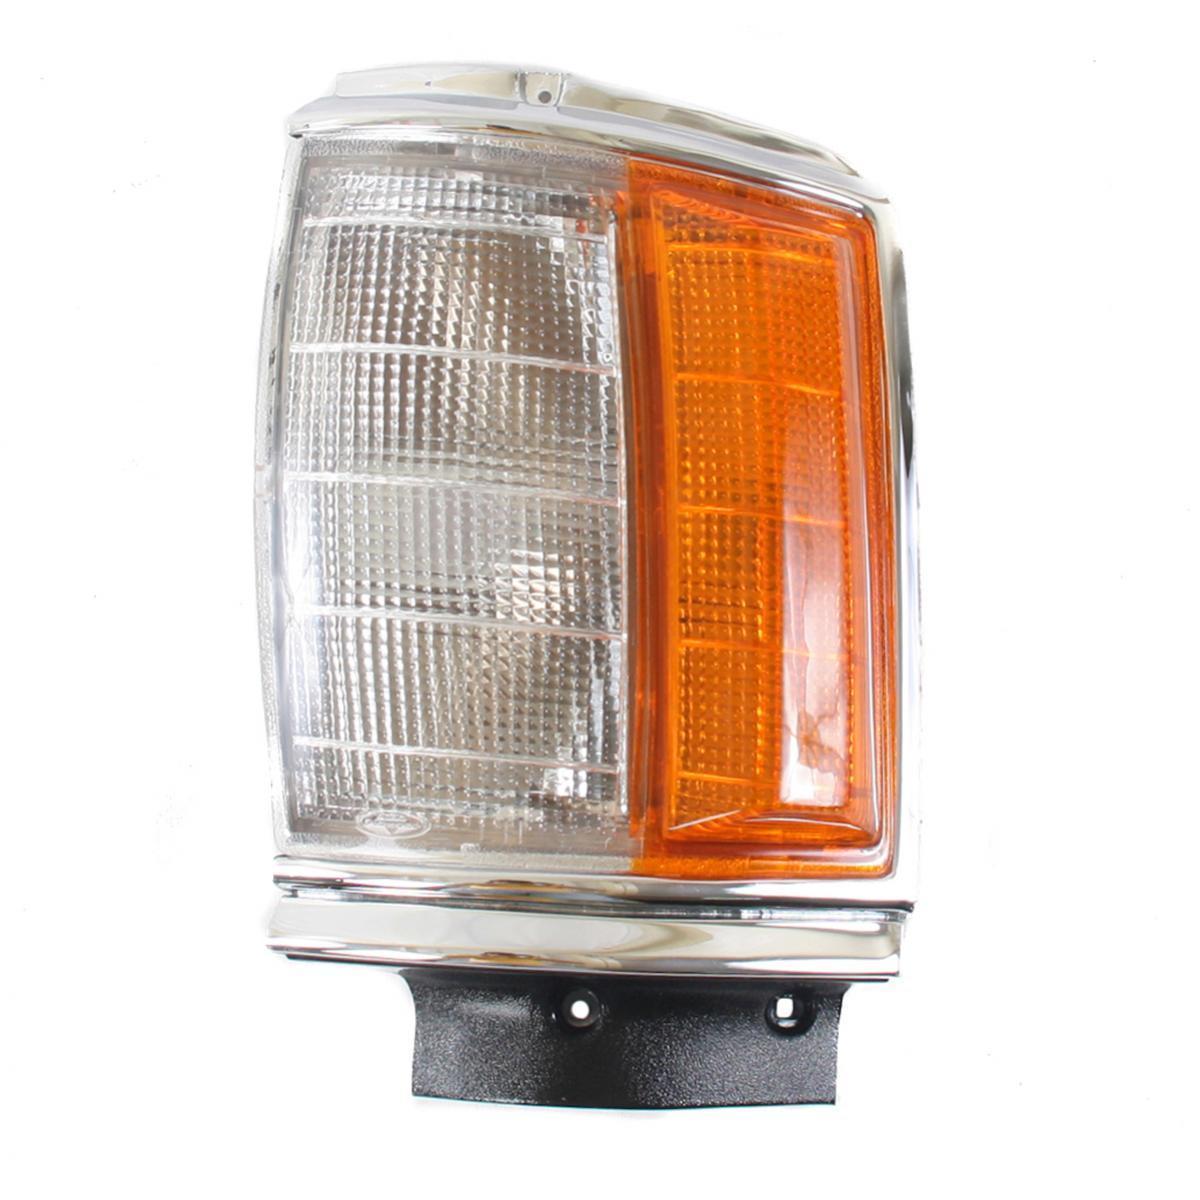 コーナーライト Corner Lights Lamp Cover LENS Left Fits Toyota Hilux Yn55R Pickup Truck 1984-198 コーナーライトランプカバーLENS左フィットトヨタハイラックスYn55Rピックアップトラック1984-198